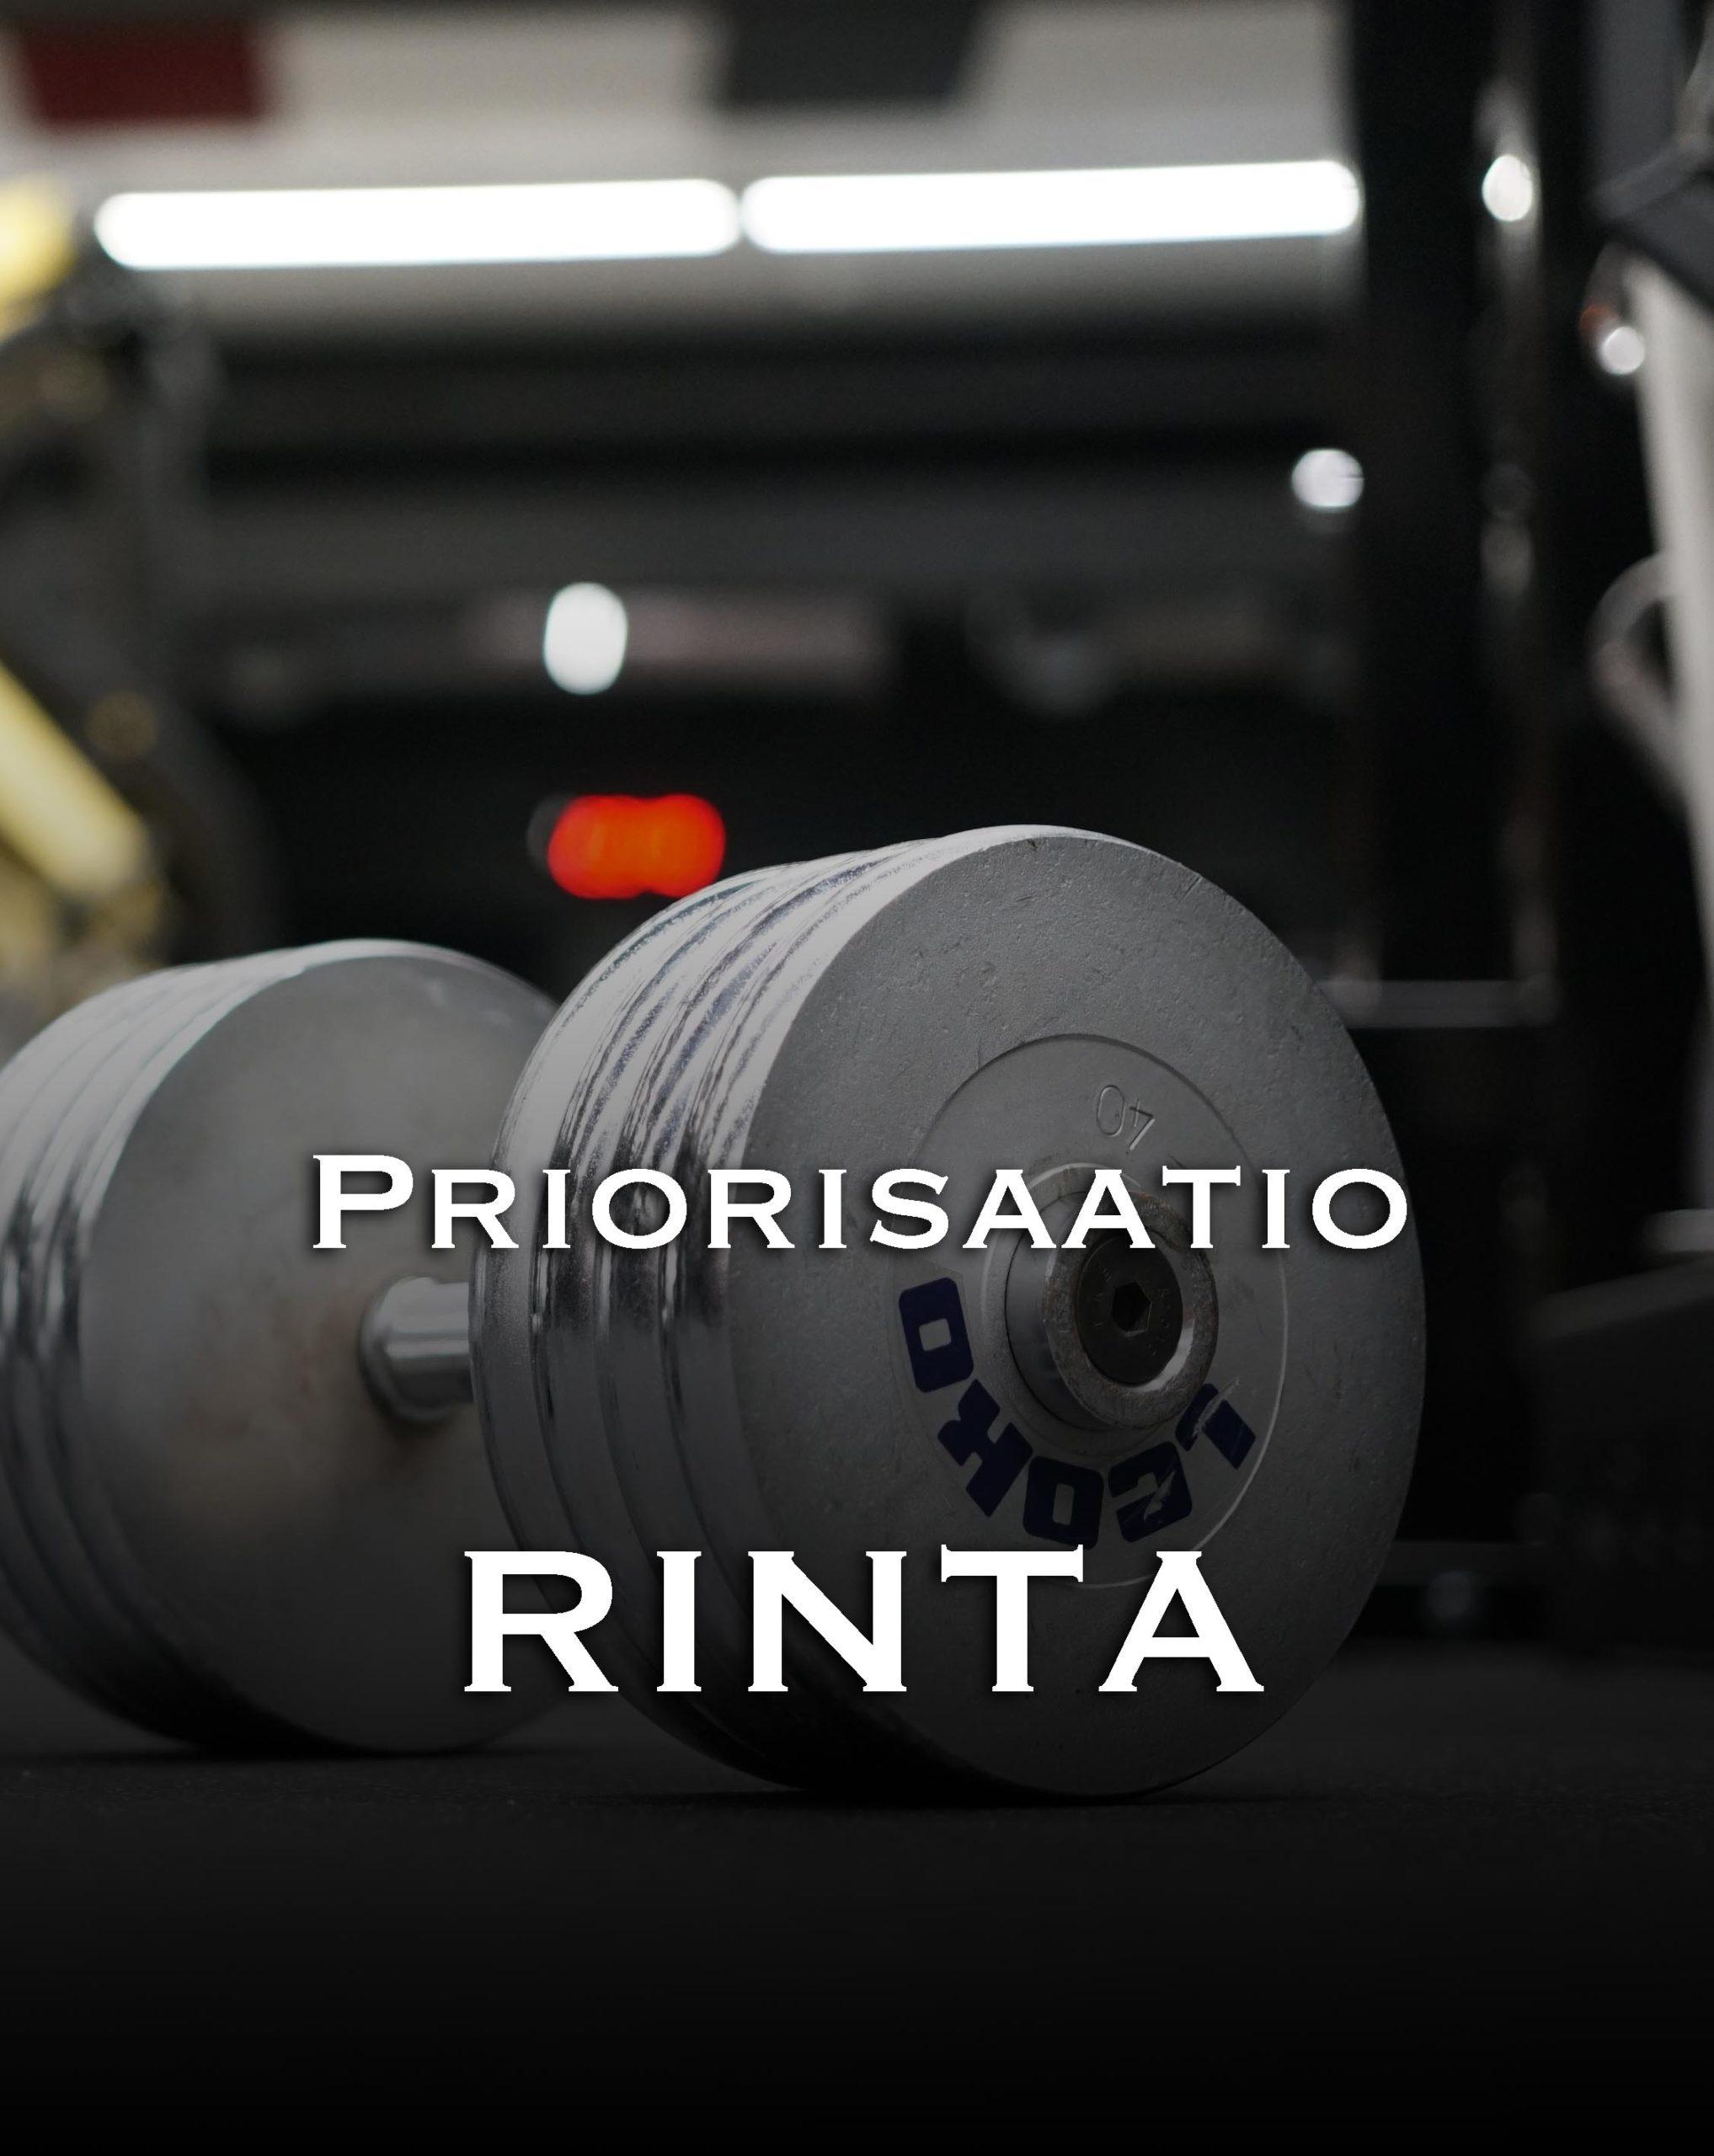 Priorisaatio Rinta